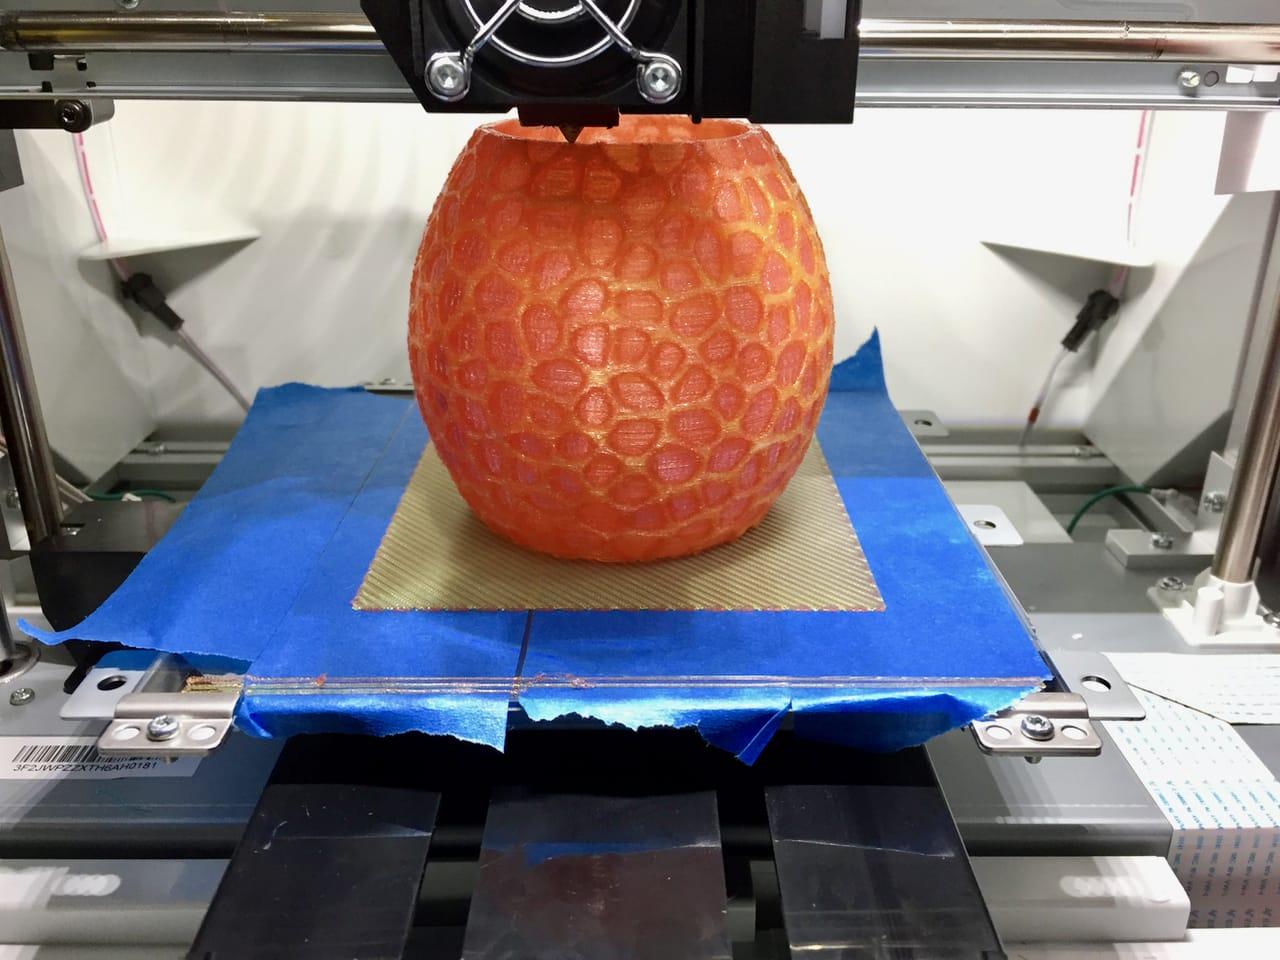 A long 26 hour dual-material 3D print that succeeded on the da Vinci Jr. 2.0 Mix